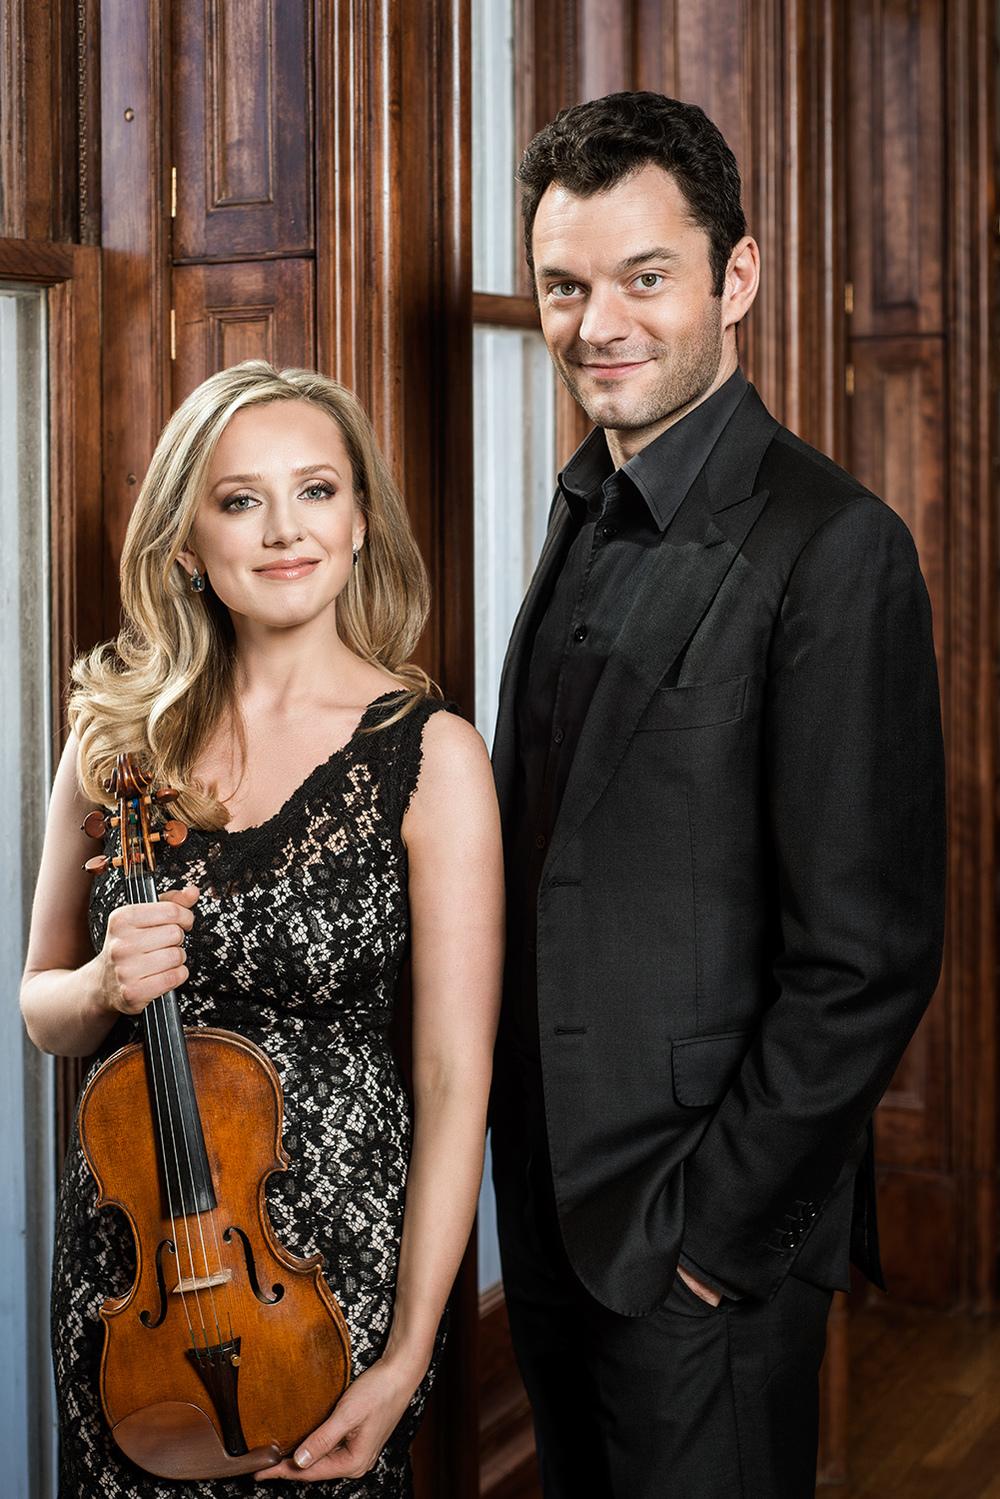 Solomiya Ivakhiv and Steven Vanhauwaert